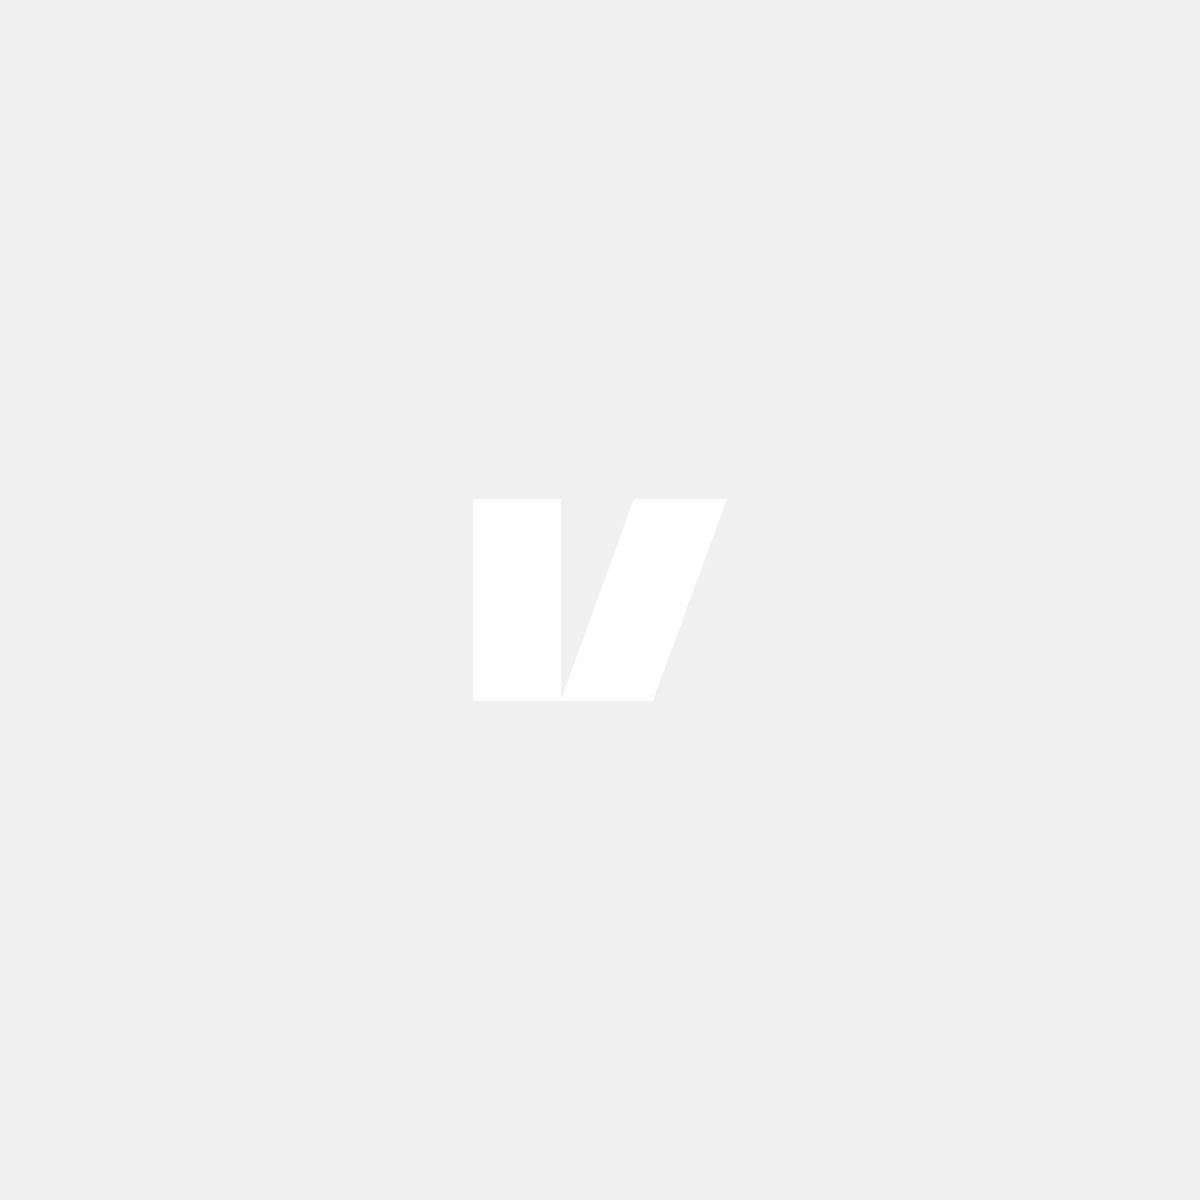 Mattkromade backspegelkåpor till Volvo S60, S80, V70 -06